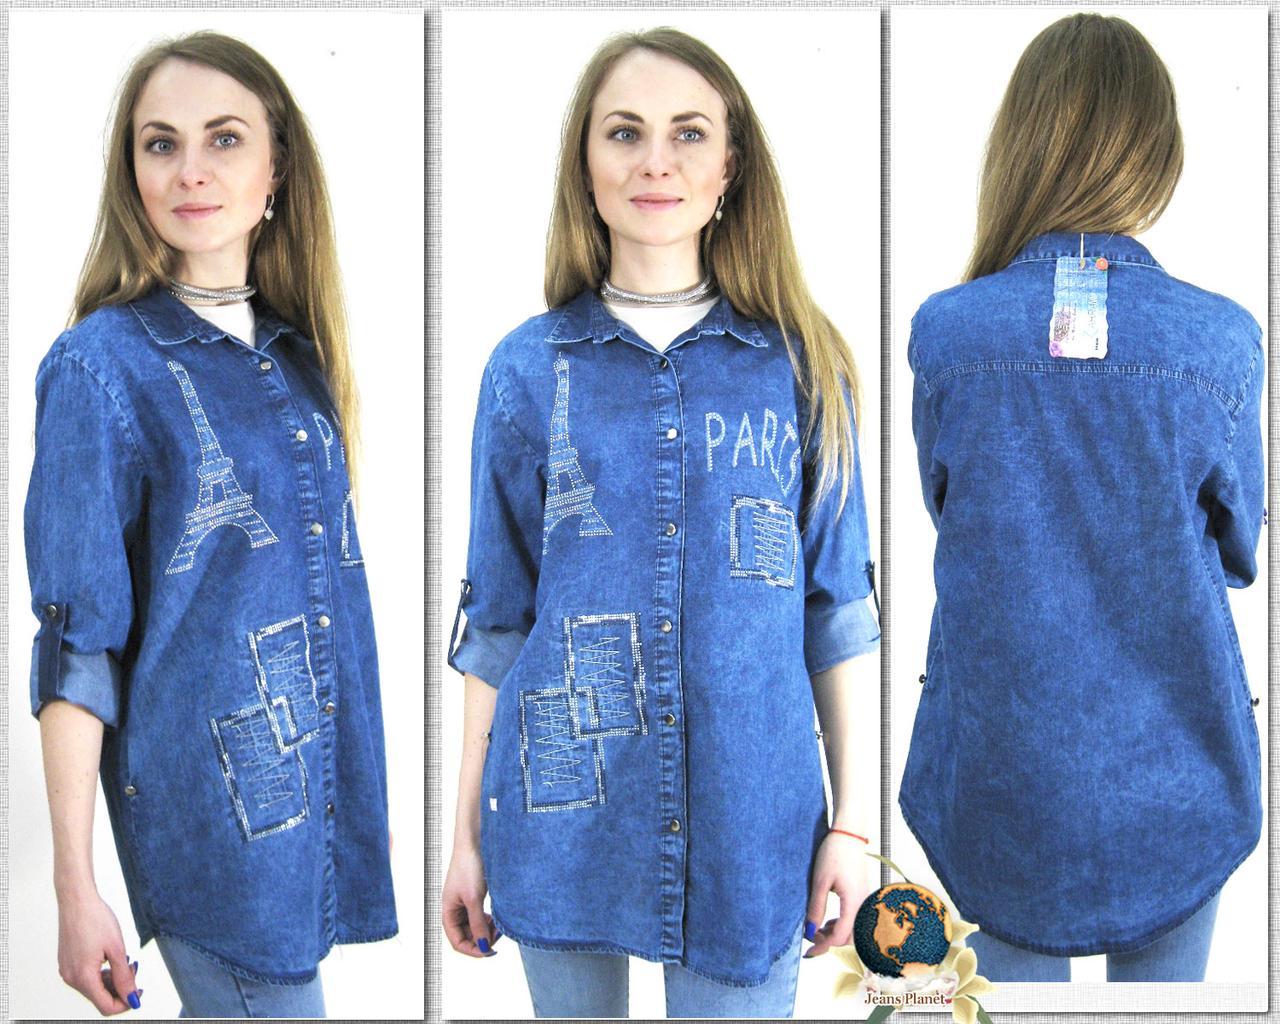 c340c383363c4e3 Модная женская джинсовая рубашка-туника большого размера Paris - Jeans  Planet -джинсовая одежда для